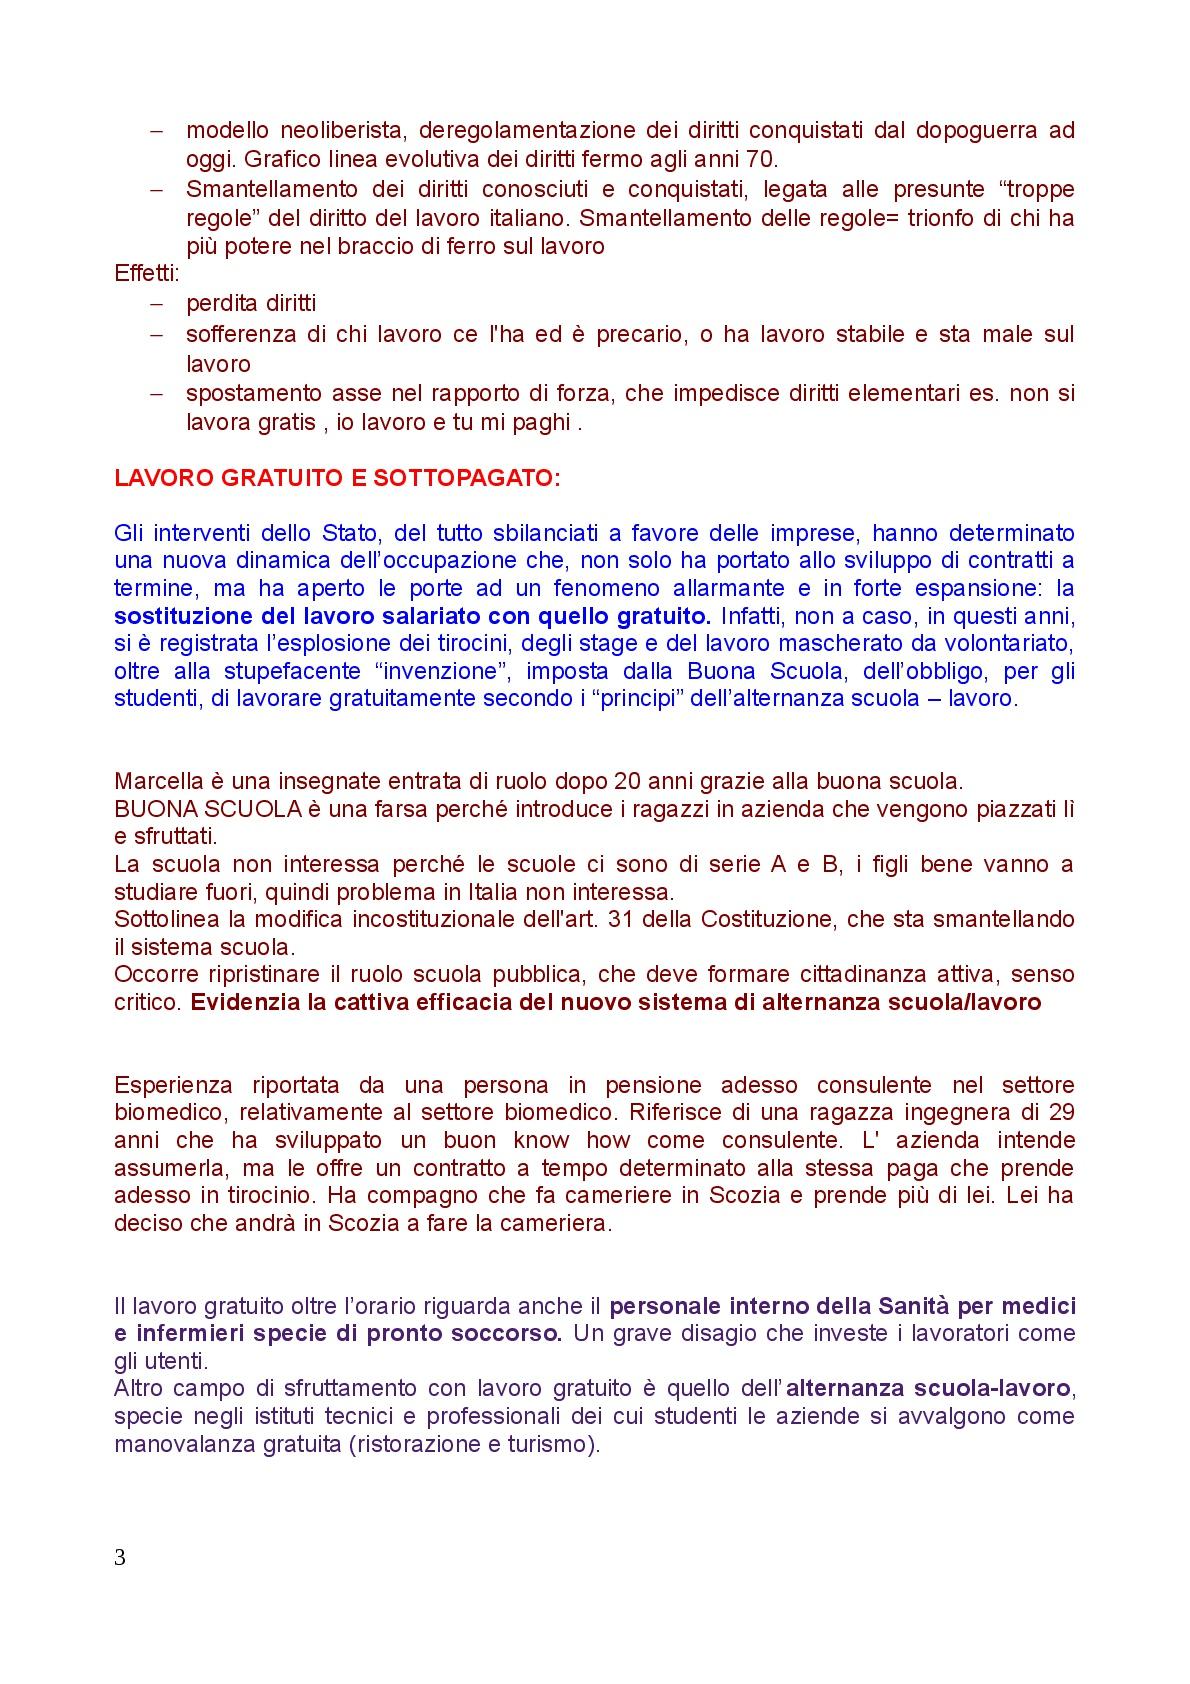 sartoria-lavoro-003